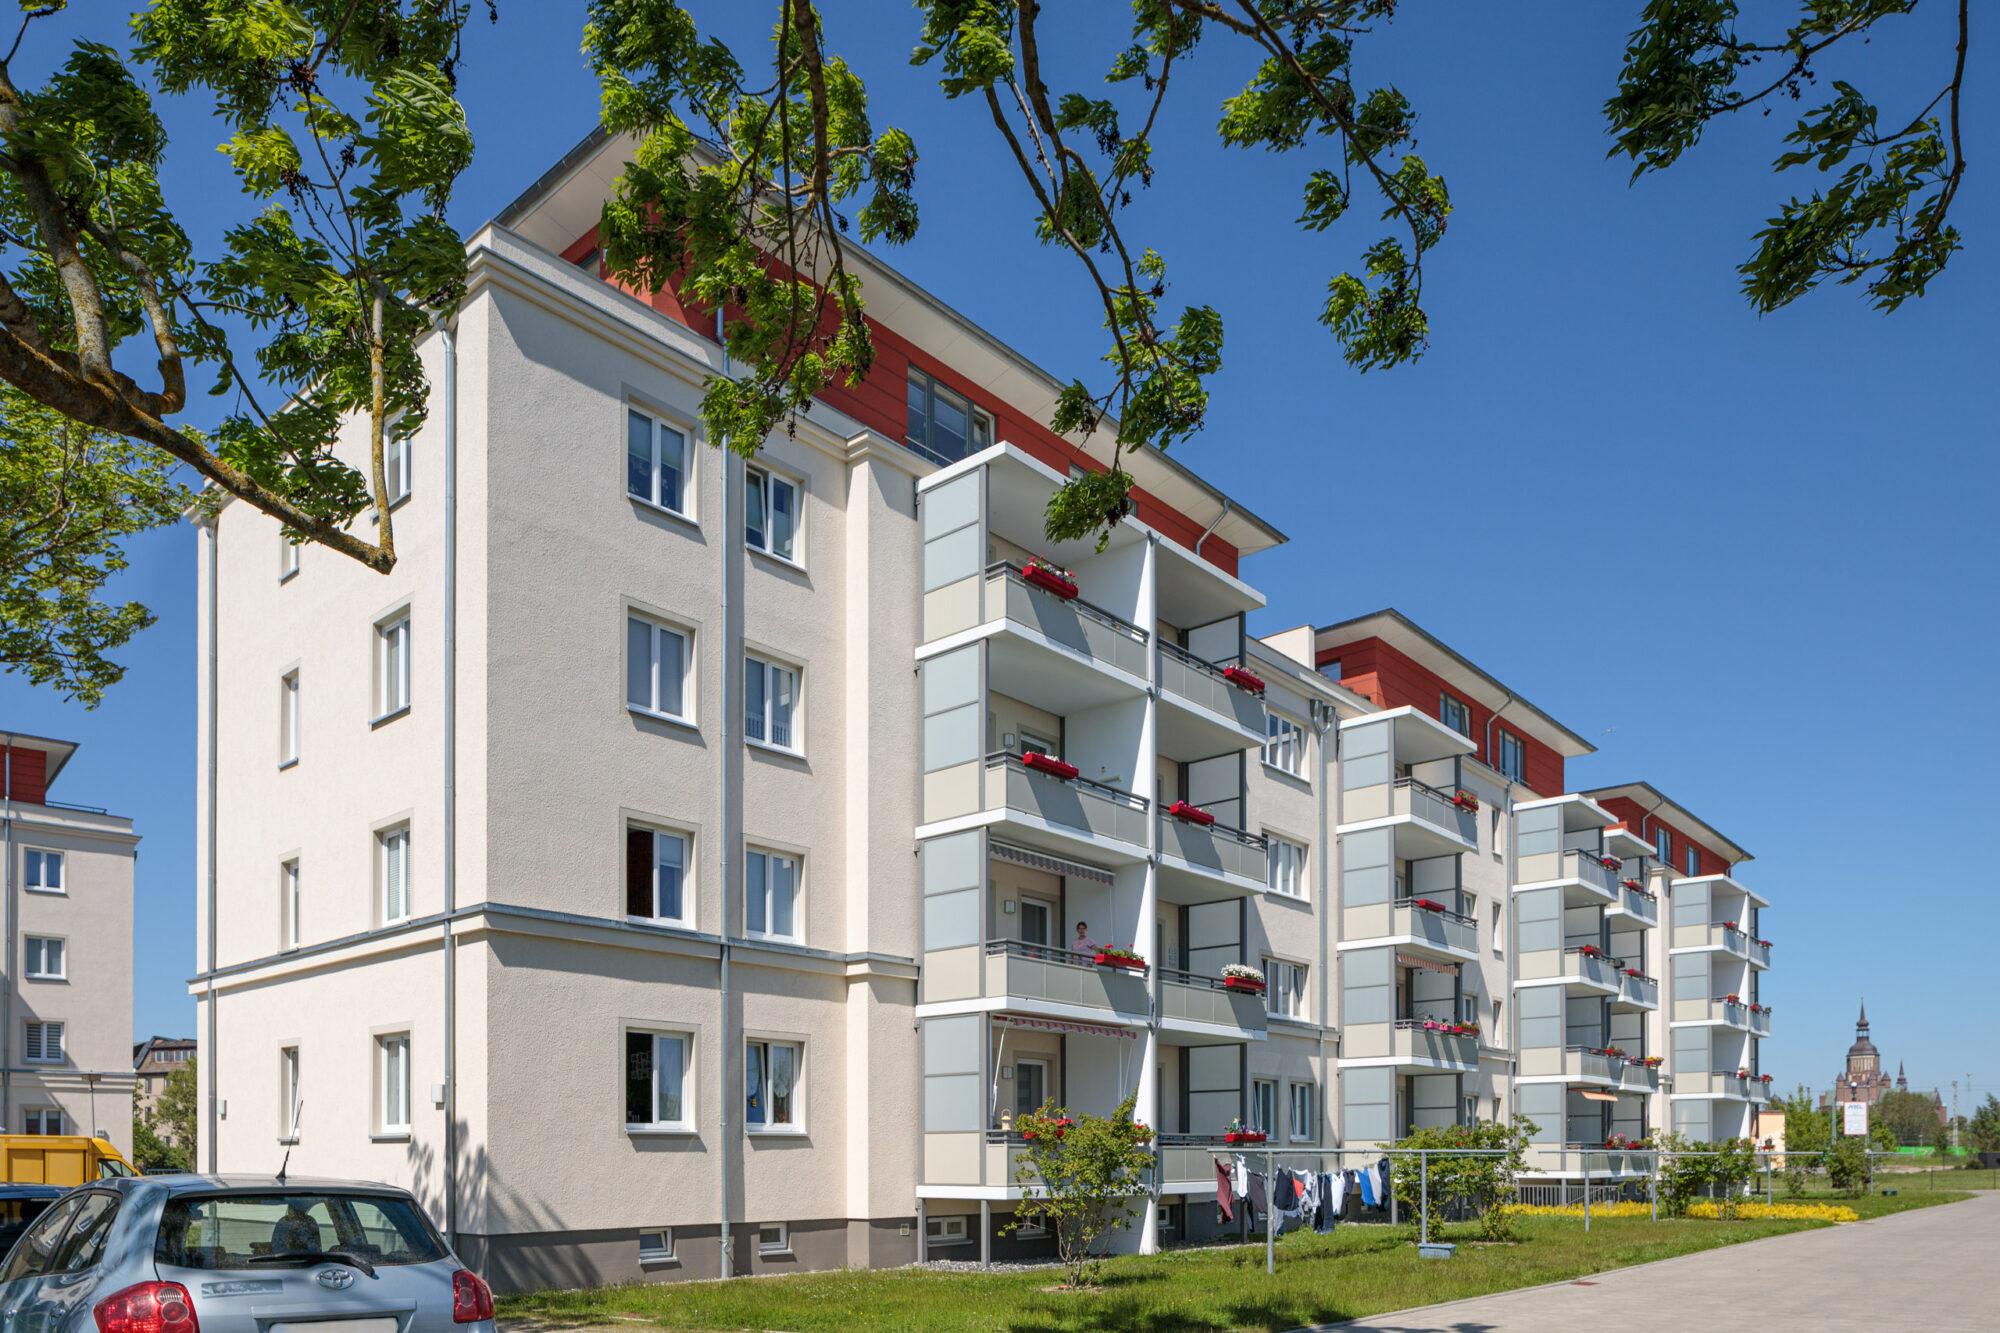 1619 Kupfermühle Stralsund - 10